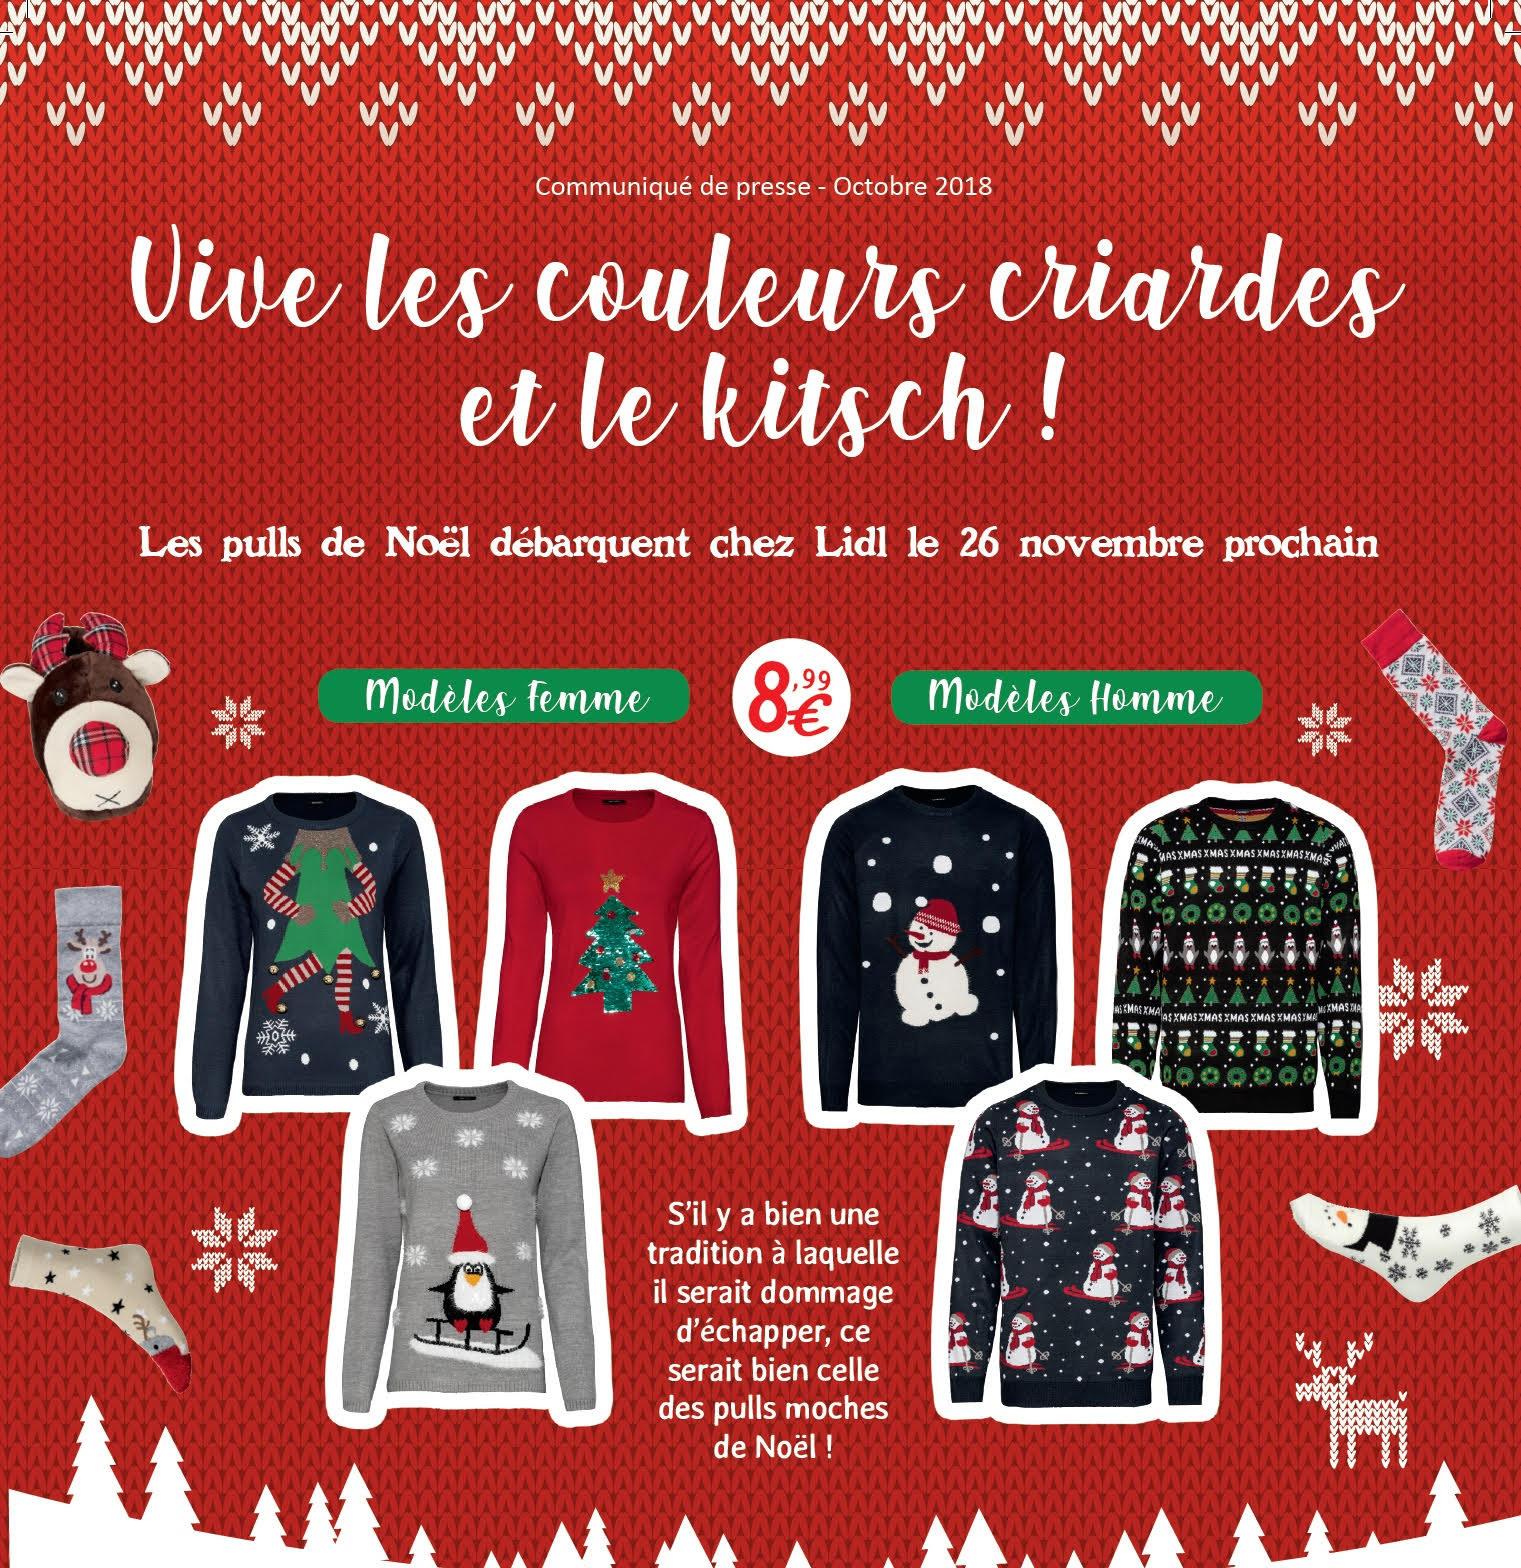 Chez Les LidlMamanautop Noel De Pulls Arrivent v7yIbg6mYf